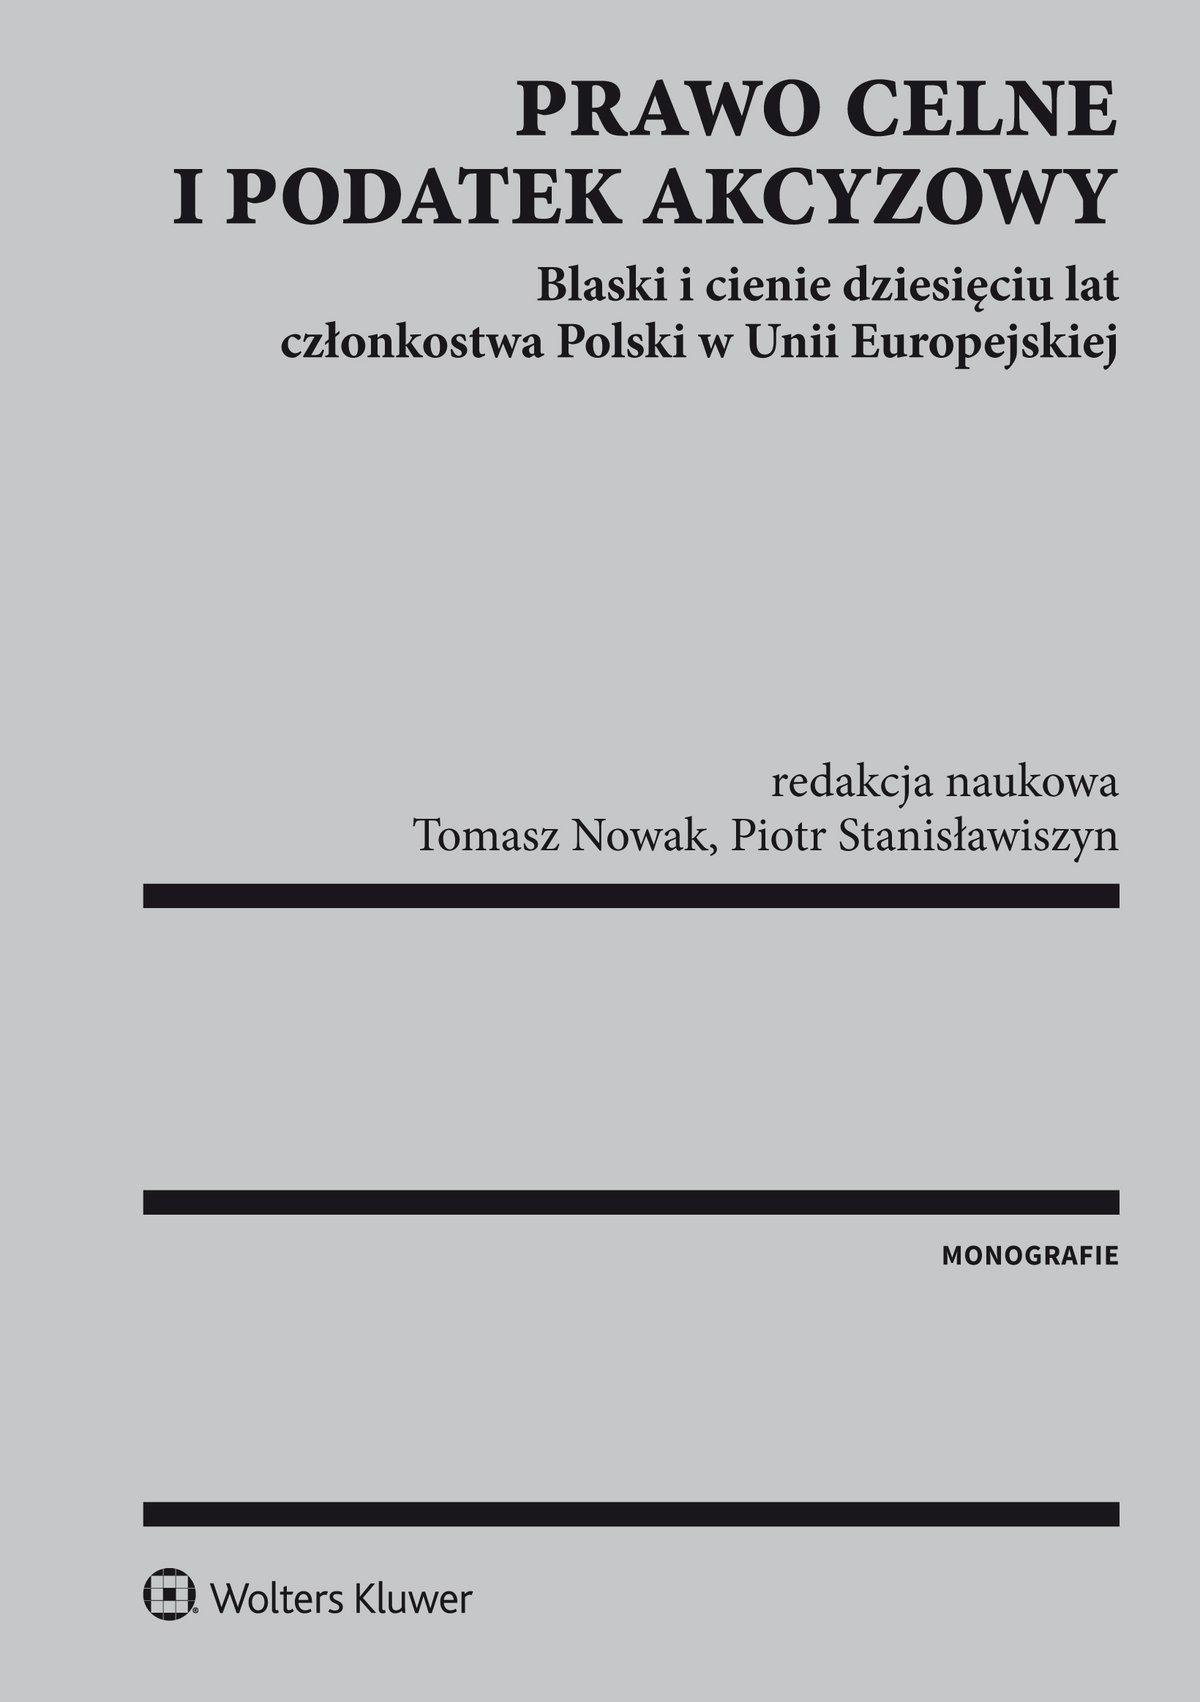 Prawo celne i podatek akcyzowy. Blaski i cienie dziesięciu lat członkostwa Polski w Unii Europejskiej - Ebook (Książka PDF) do pobrania w formacie PDF